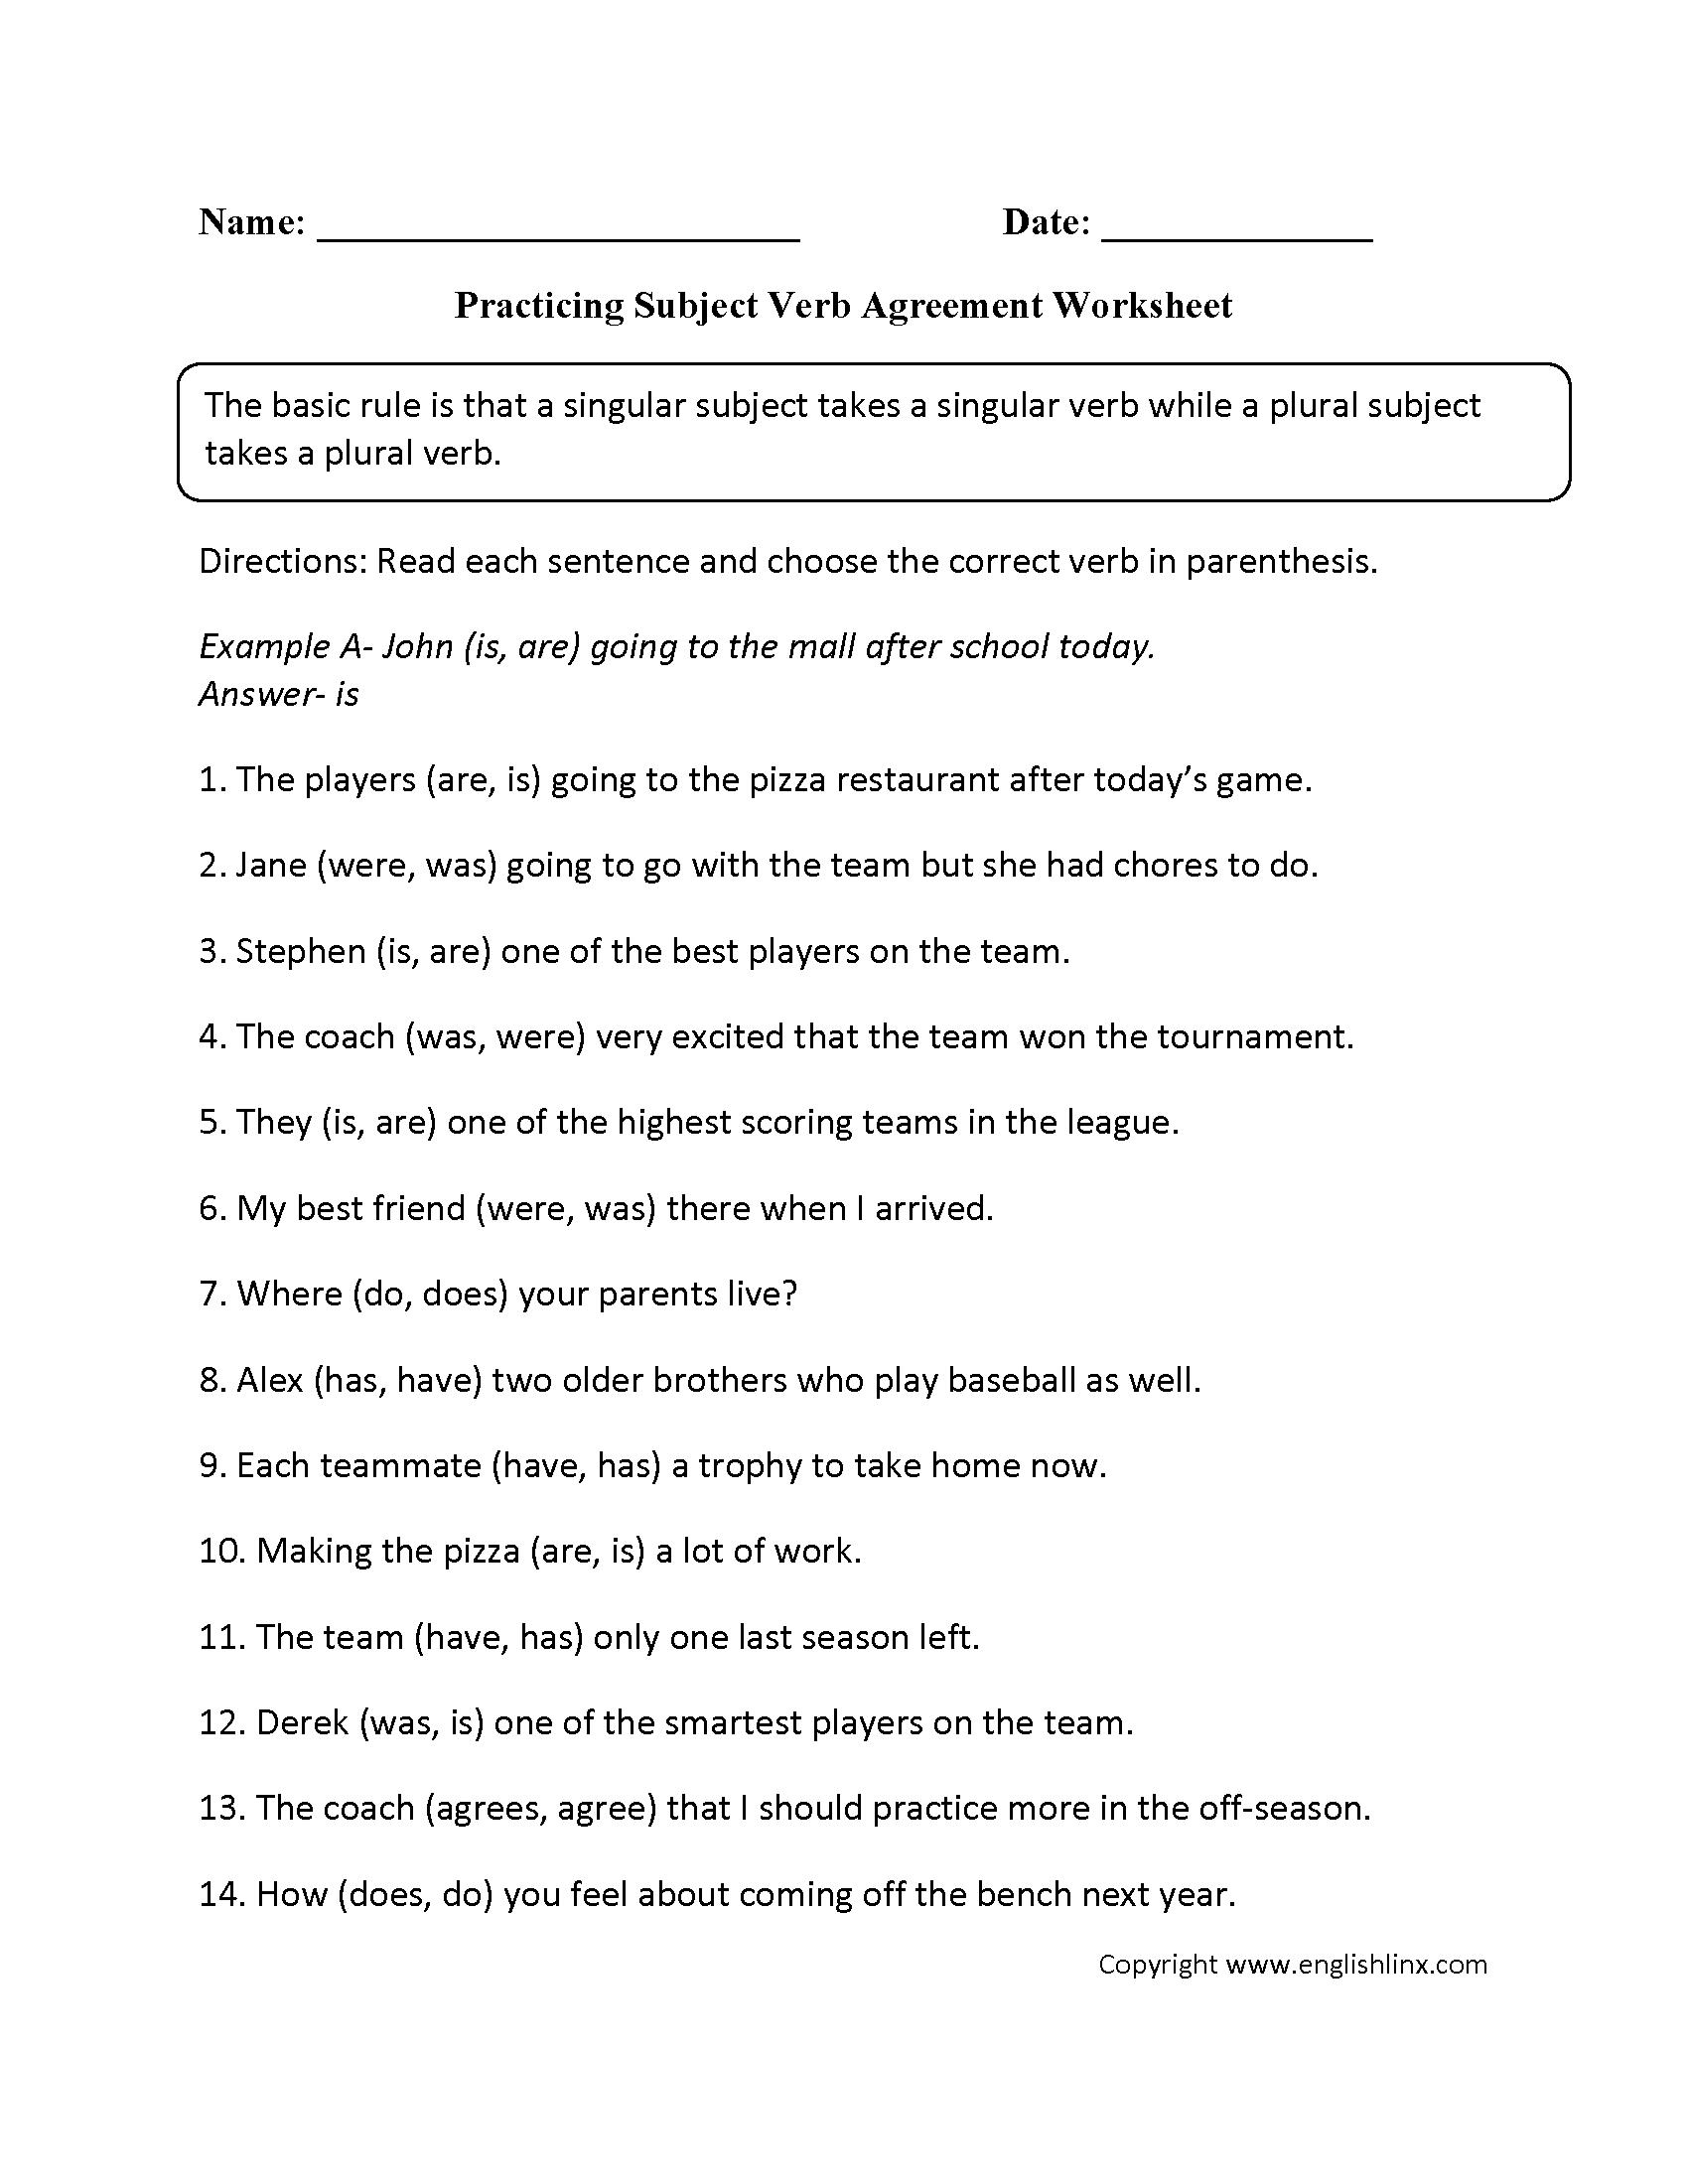 Grammar Worksheets  Word Usage Worksheets For Pronoun Antecedent Agreement Worksheet